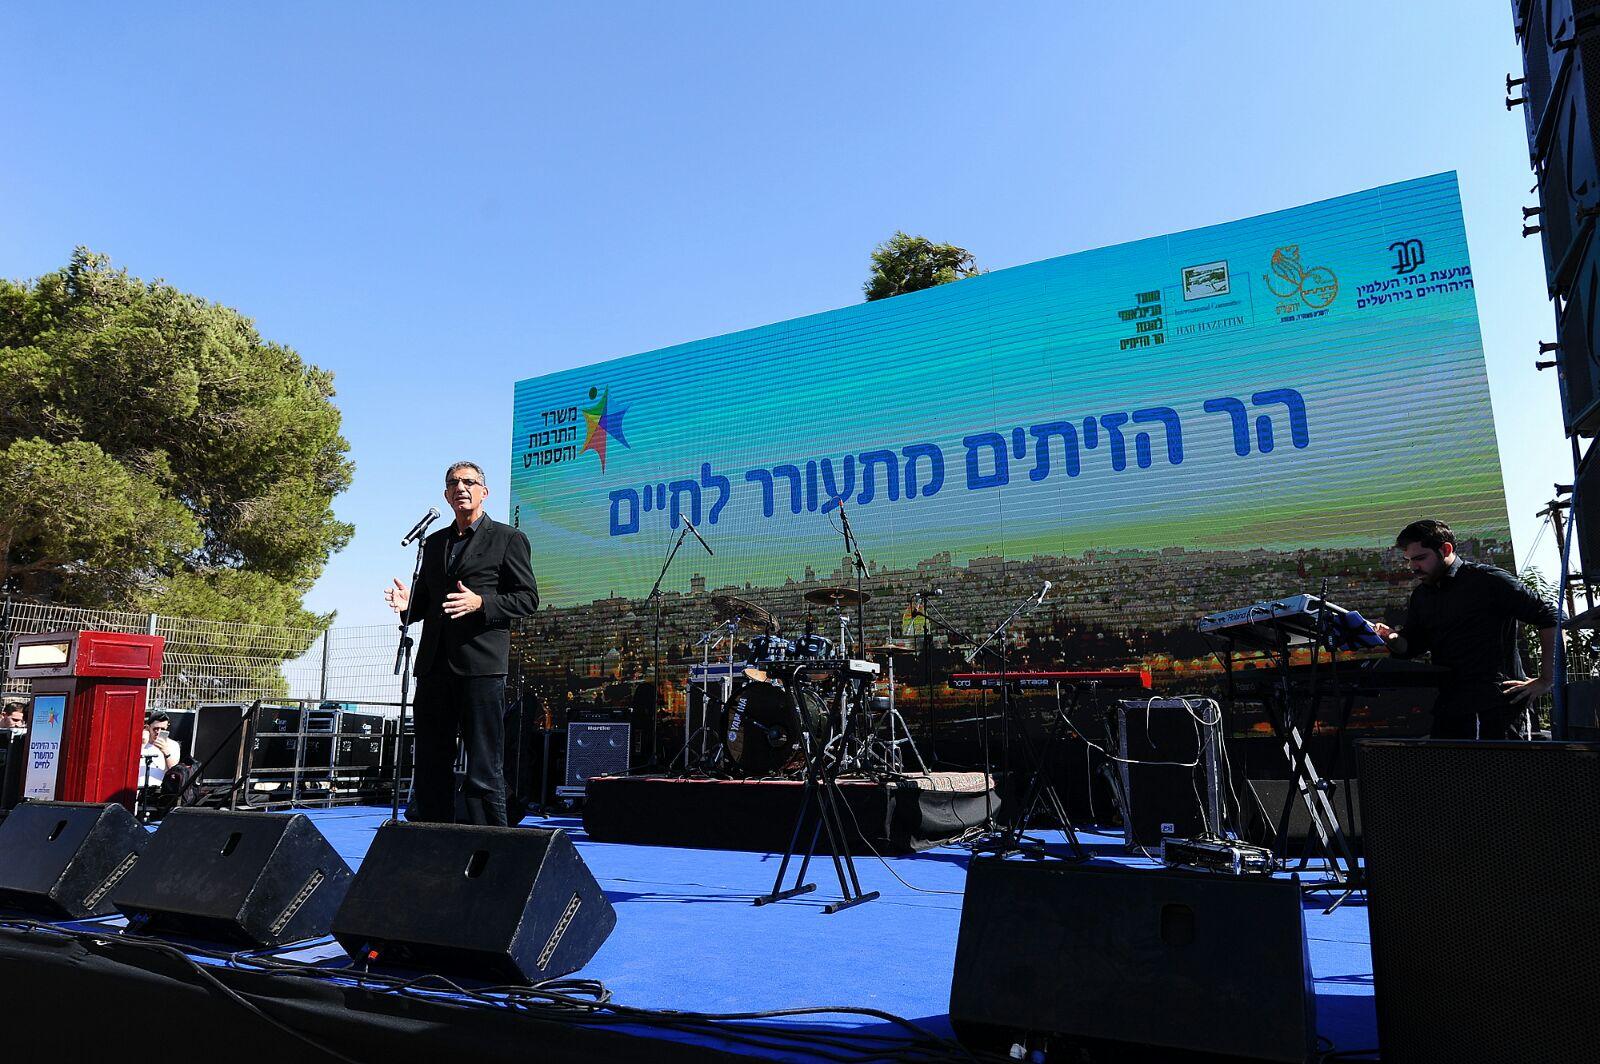 יש חיים בהר הזיתים: אלפיים השתתפו באירוע שנערך מעל פסגת הר הזיתים